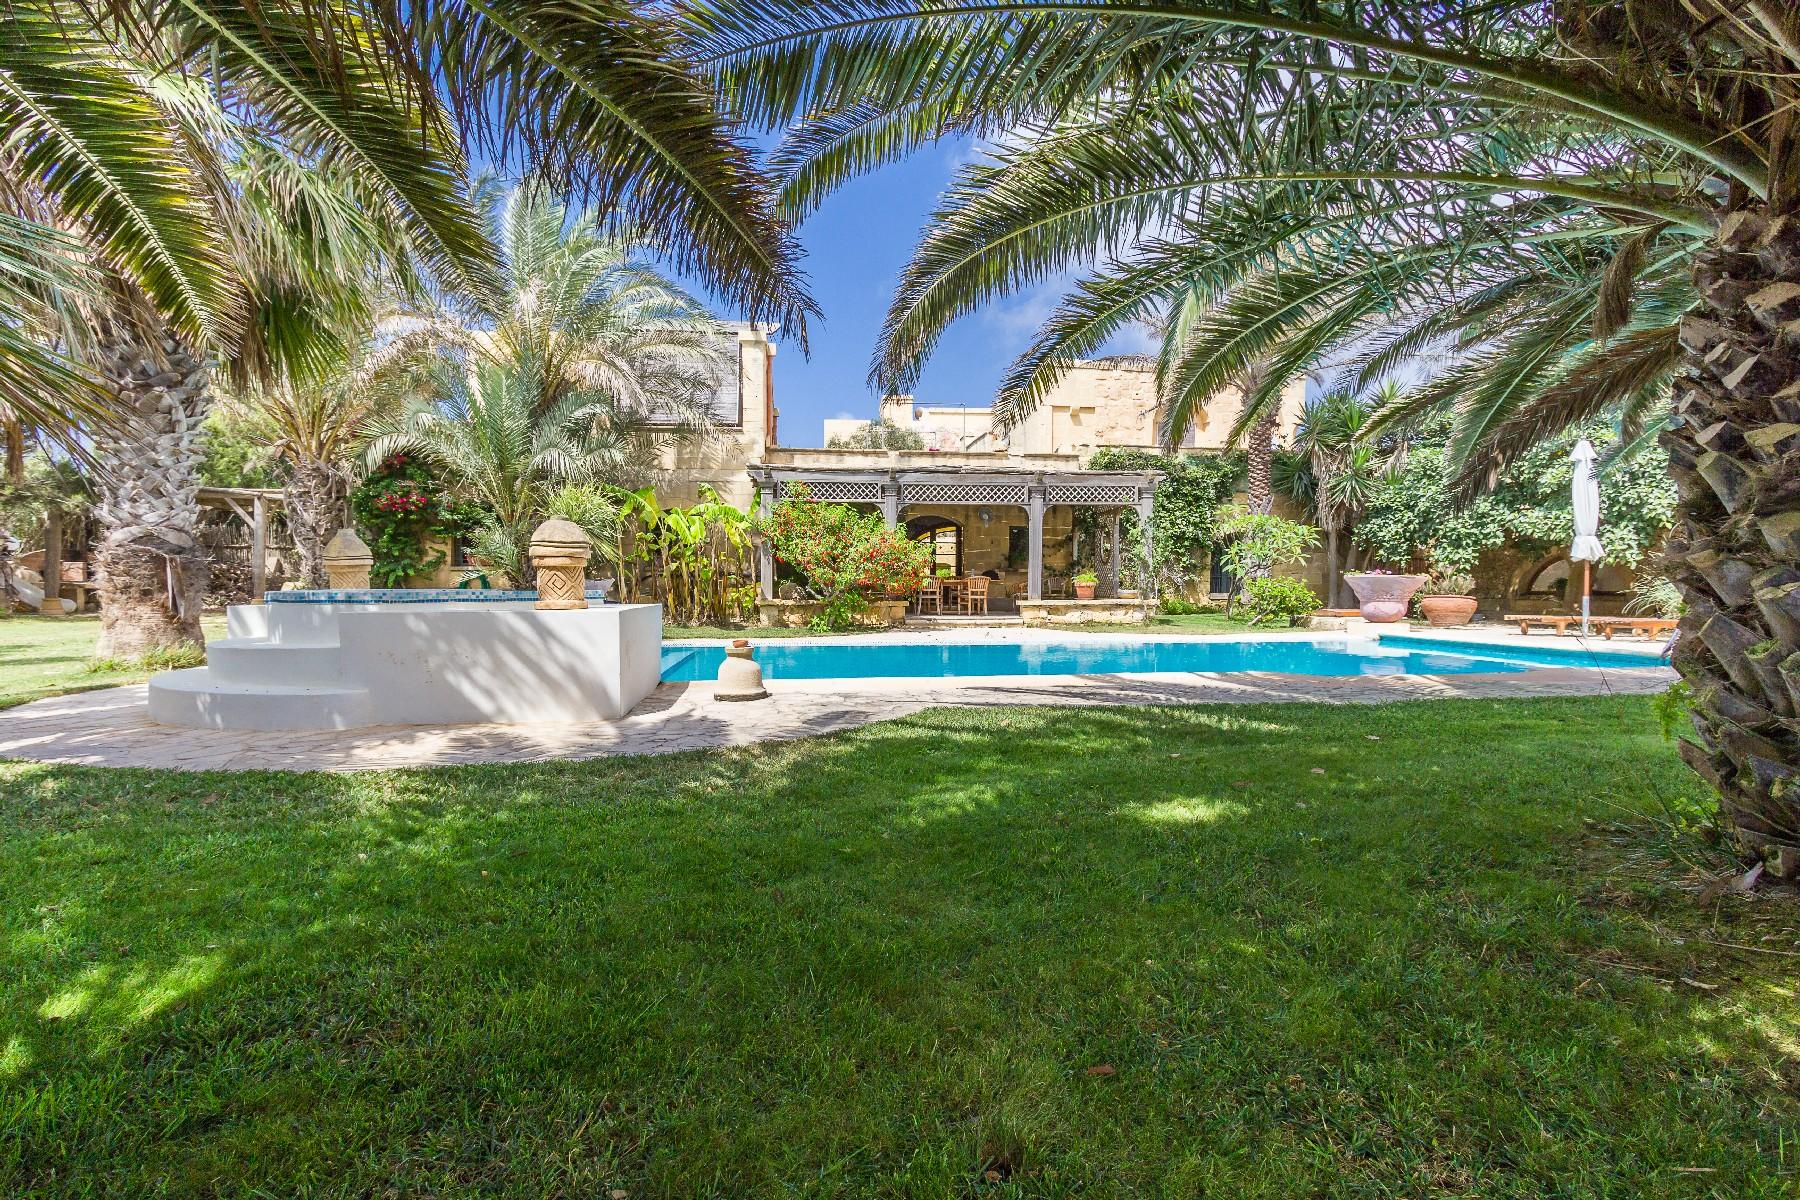 Malta Property for sale in Gozo-Island, San Lawrenz